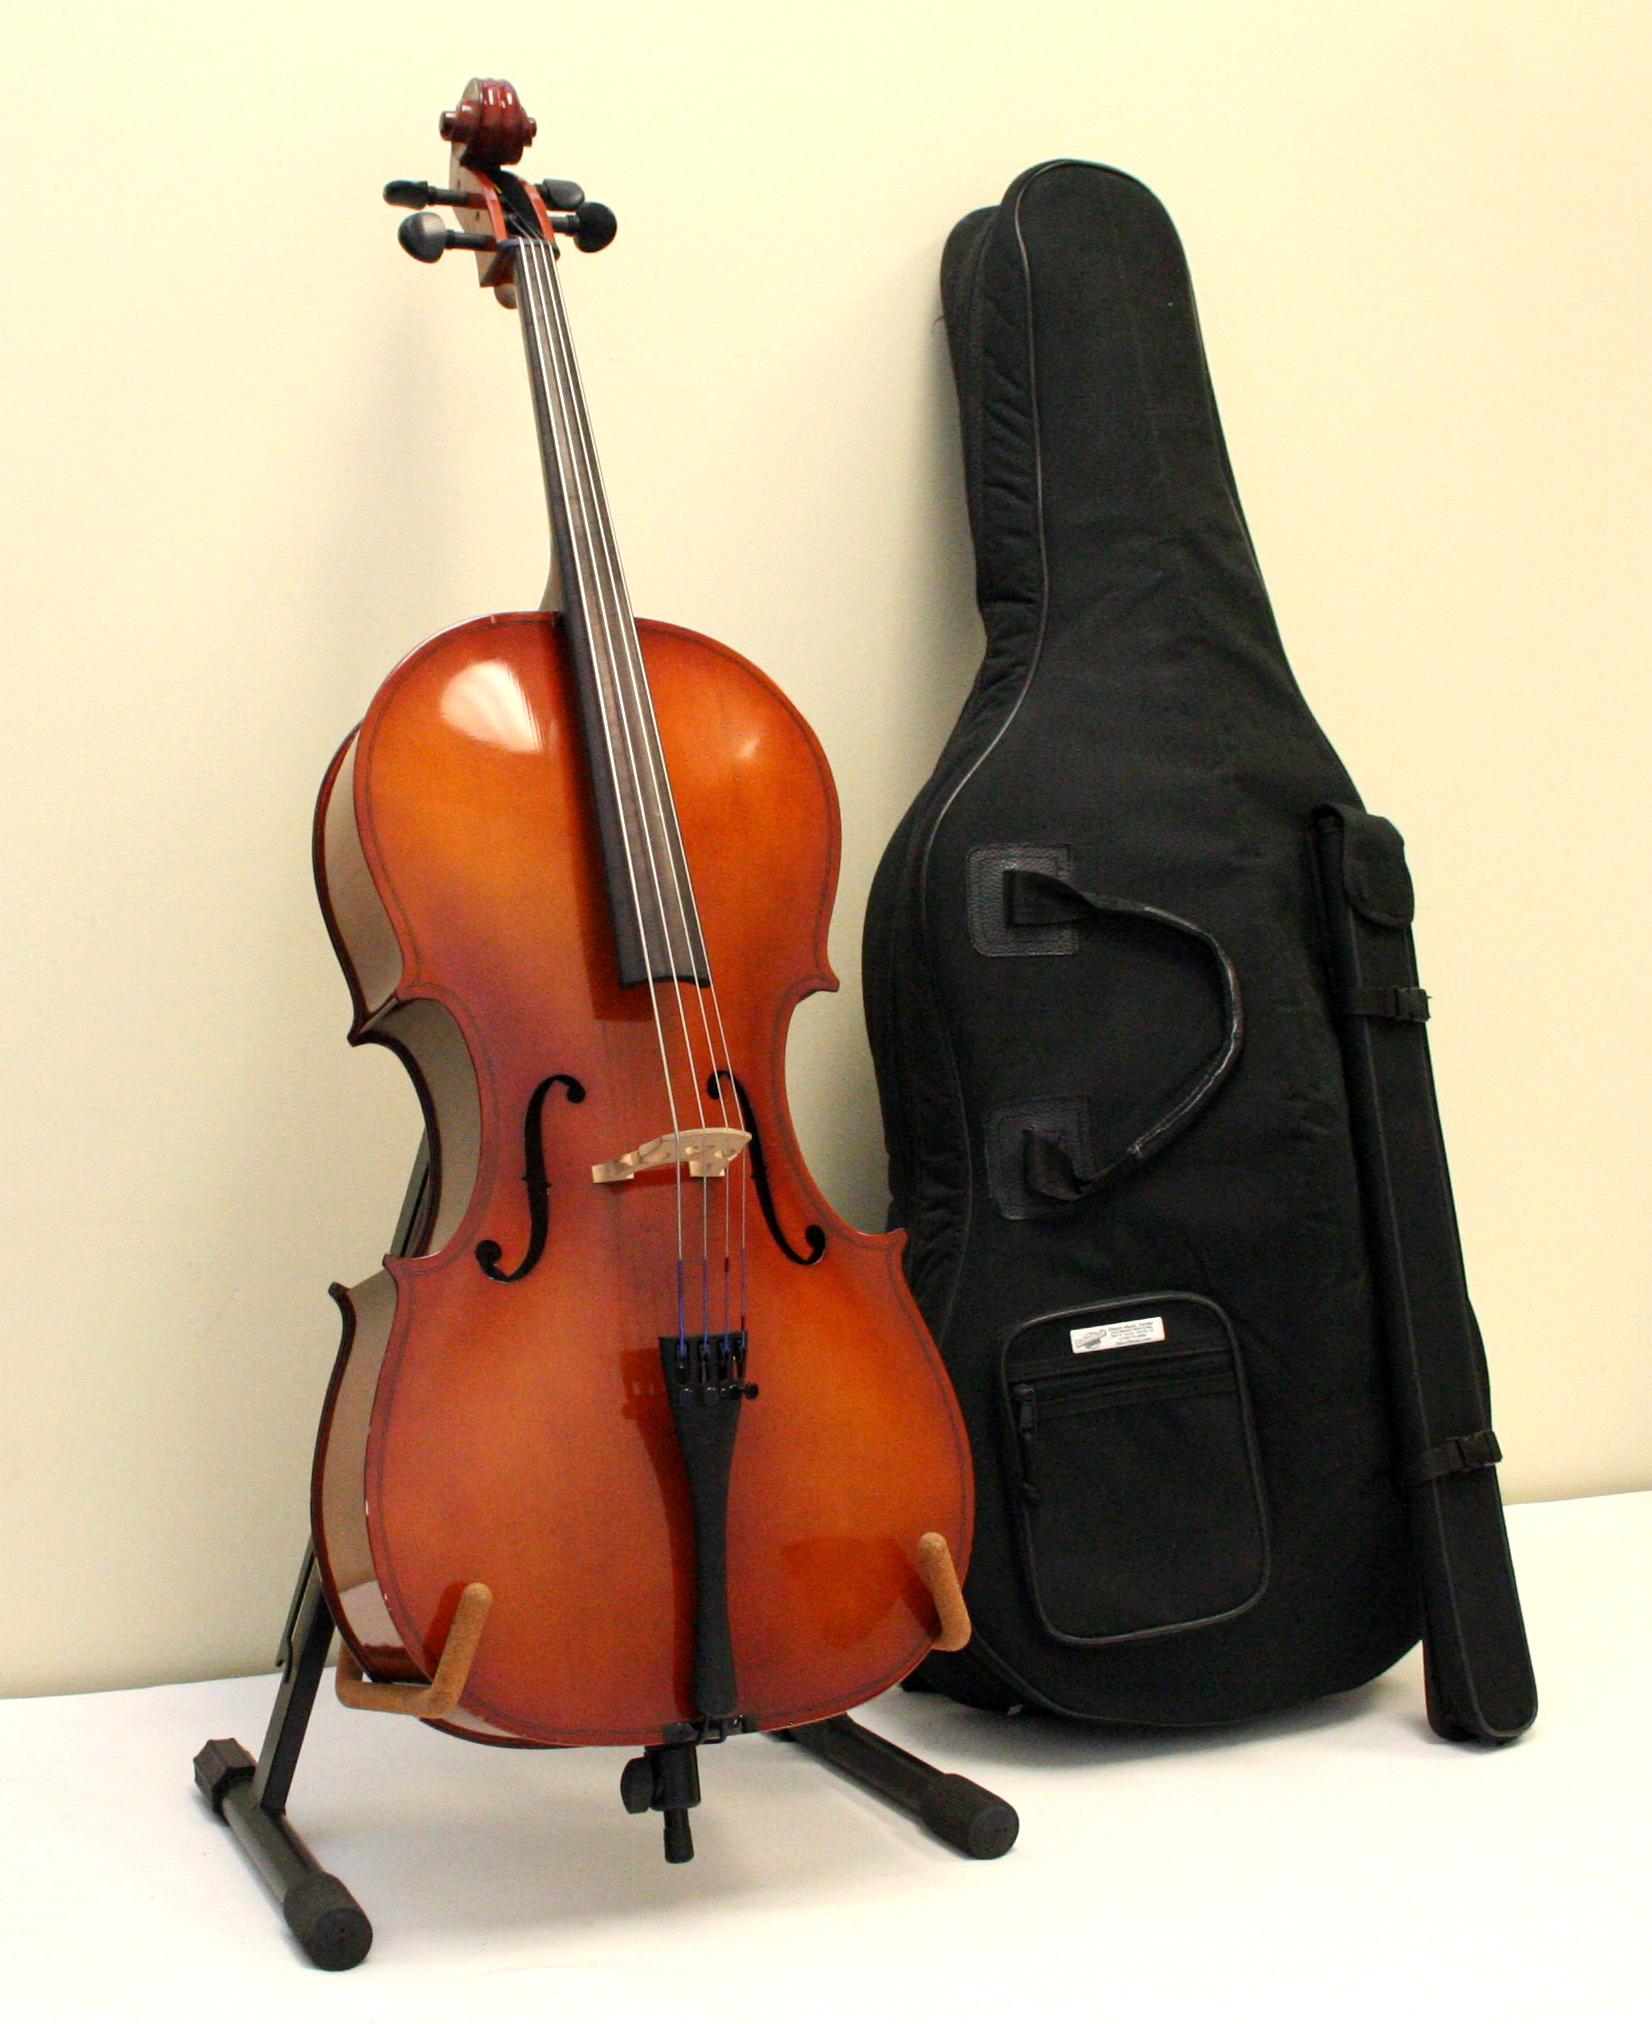 Premium Used Cello 1/2 Size Amati - CE-12-105